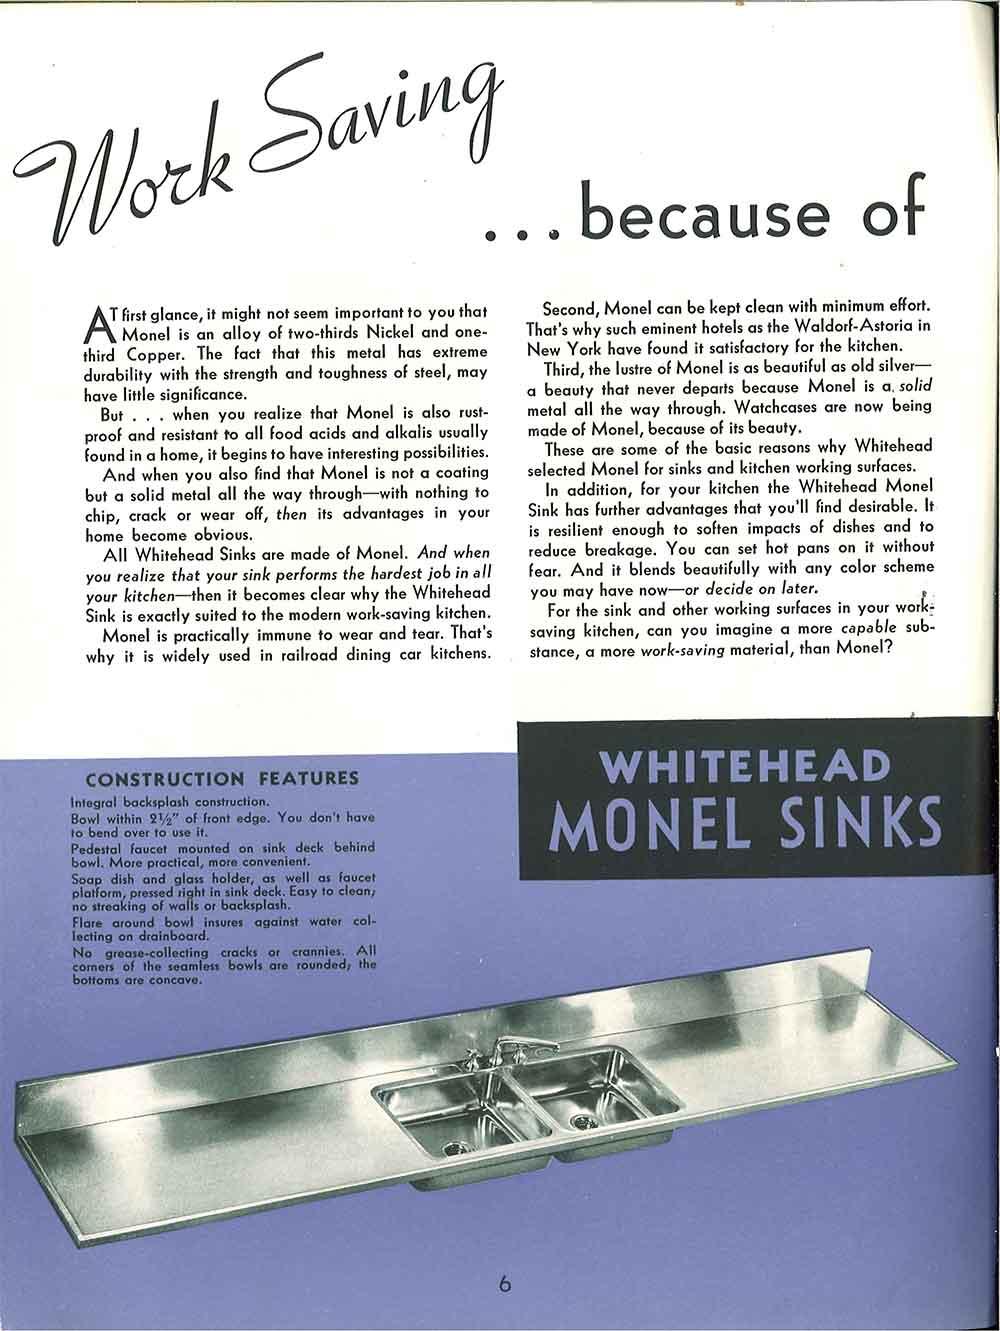 whitehead kitchen monel sinks